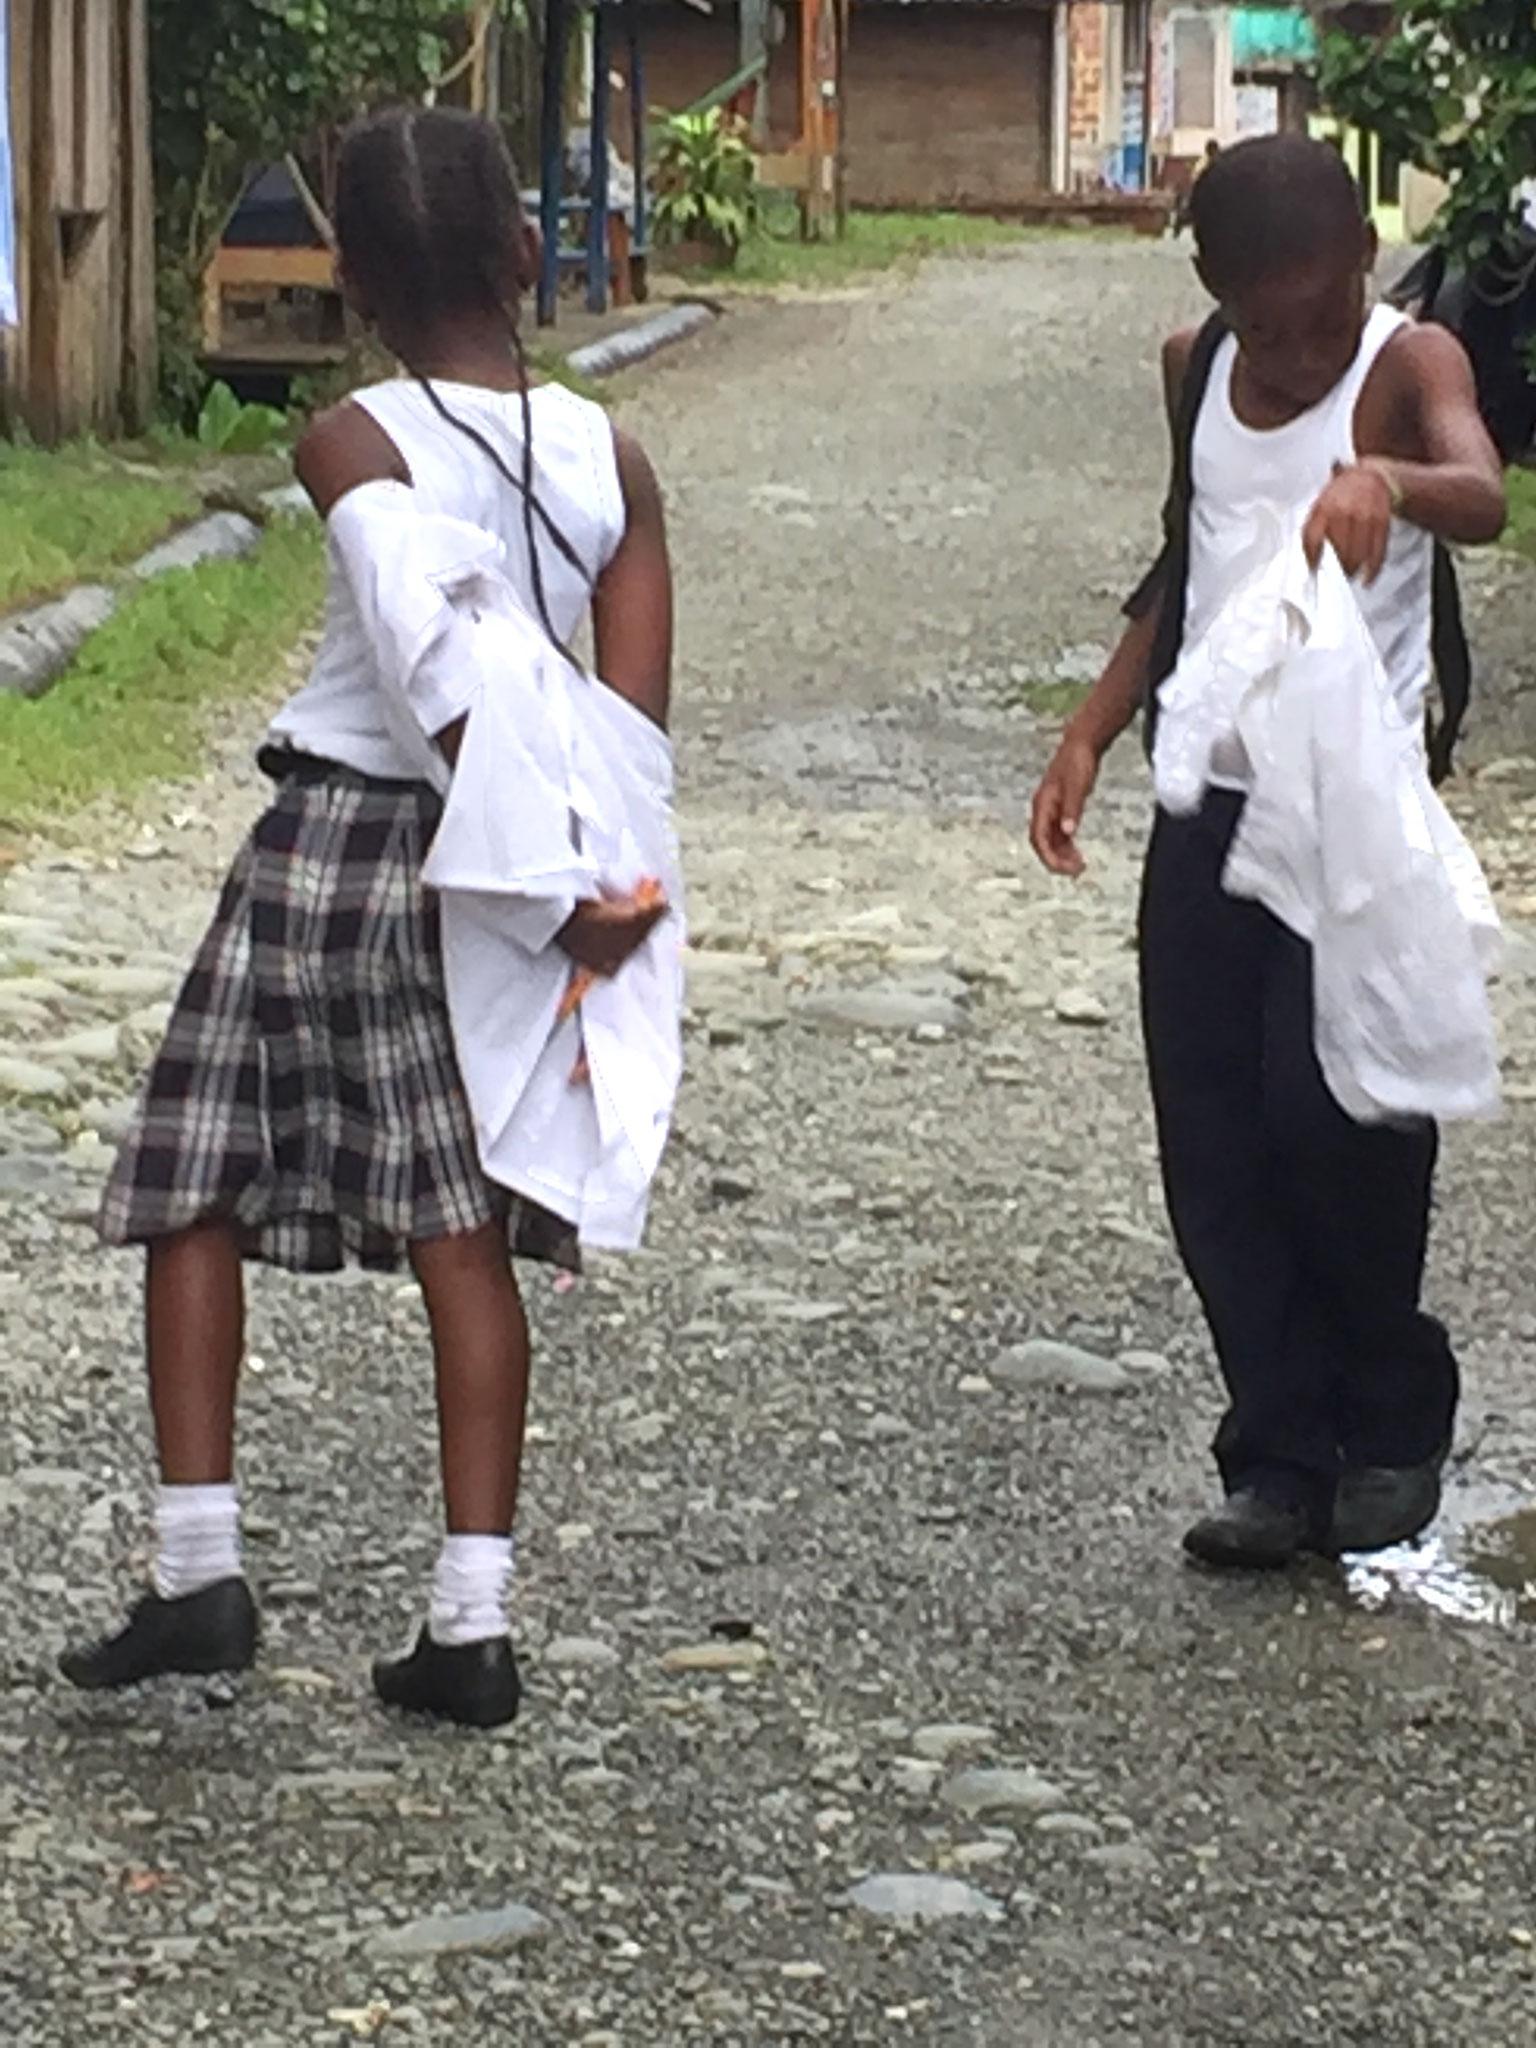 Schuluniform wird schon auf der Strasse ausgezogen